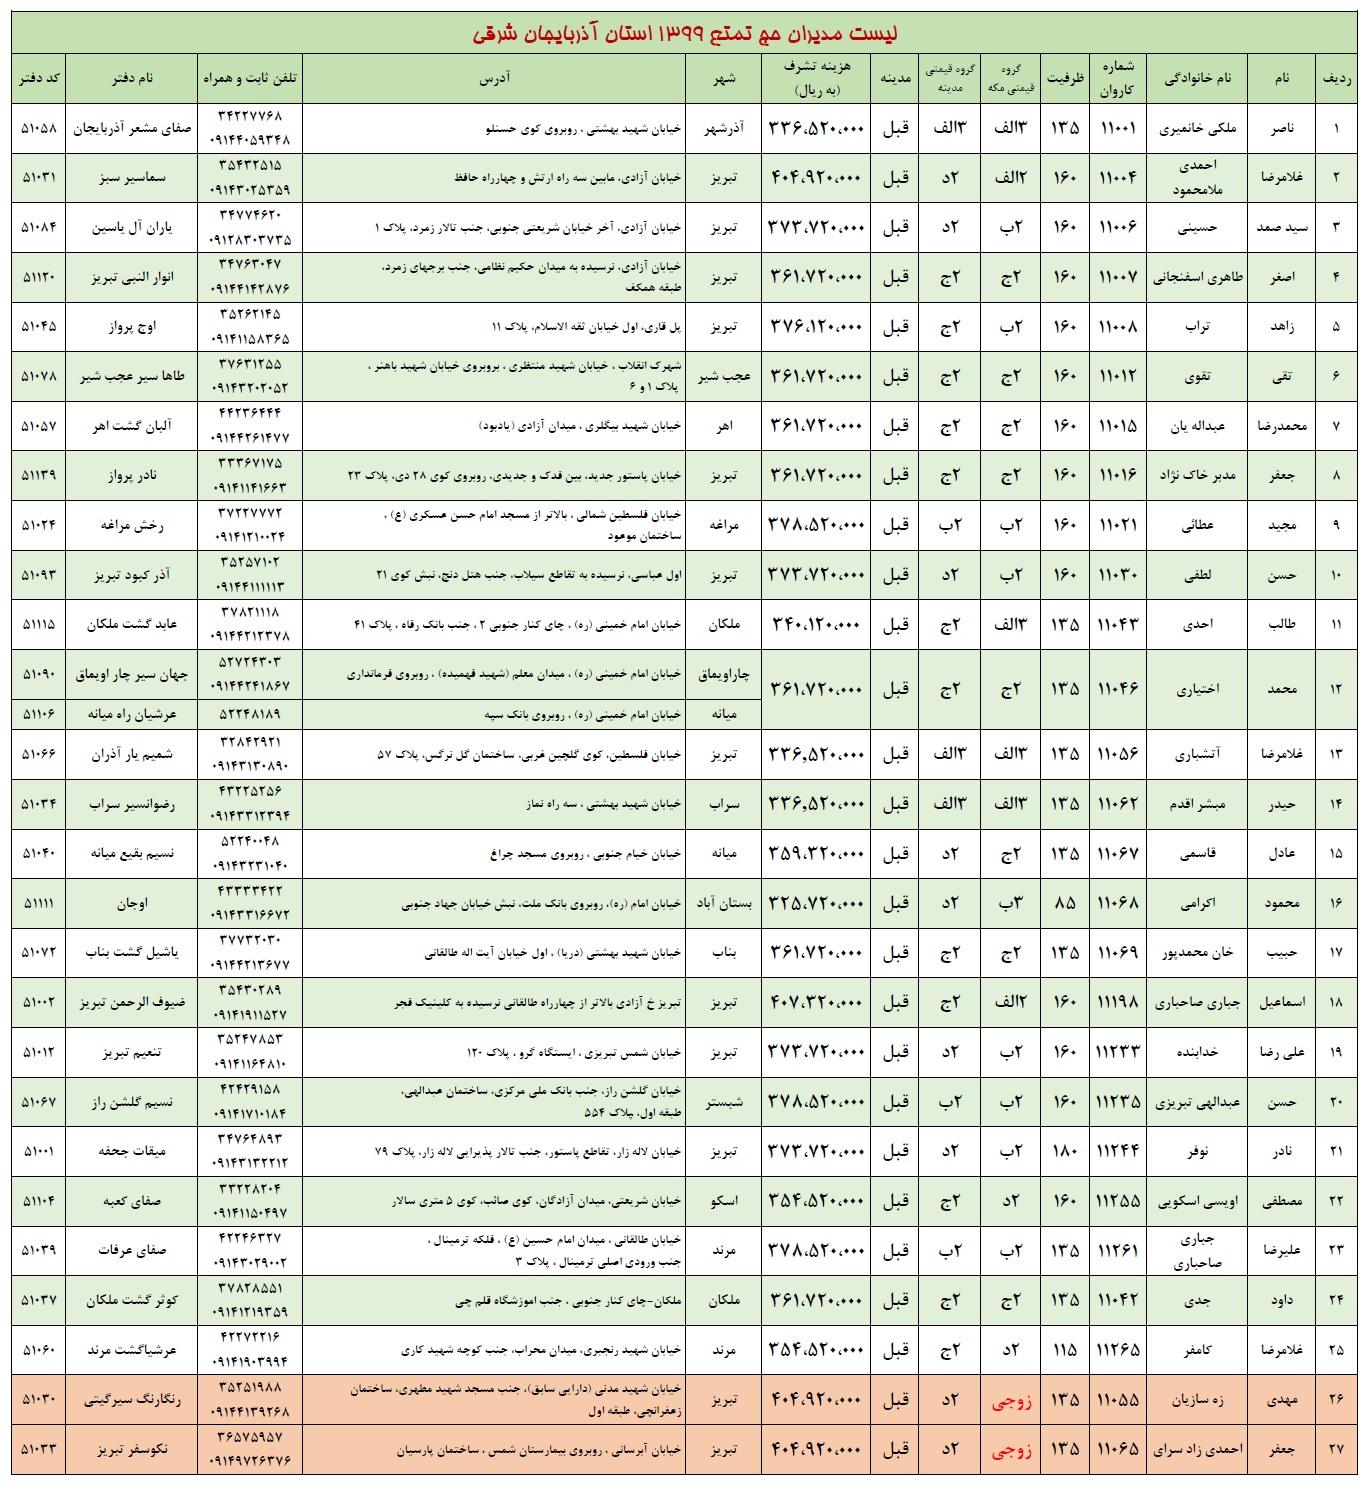 لیست مدیران کاروانهای حج تمتع 1399 استان آذربایجان شرقی